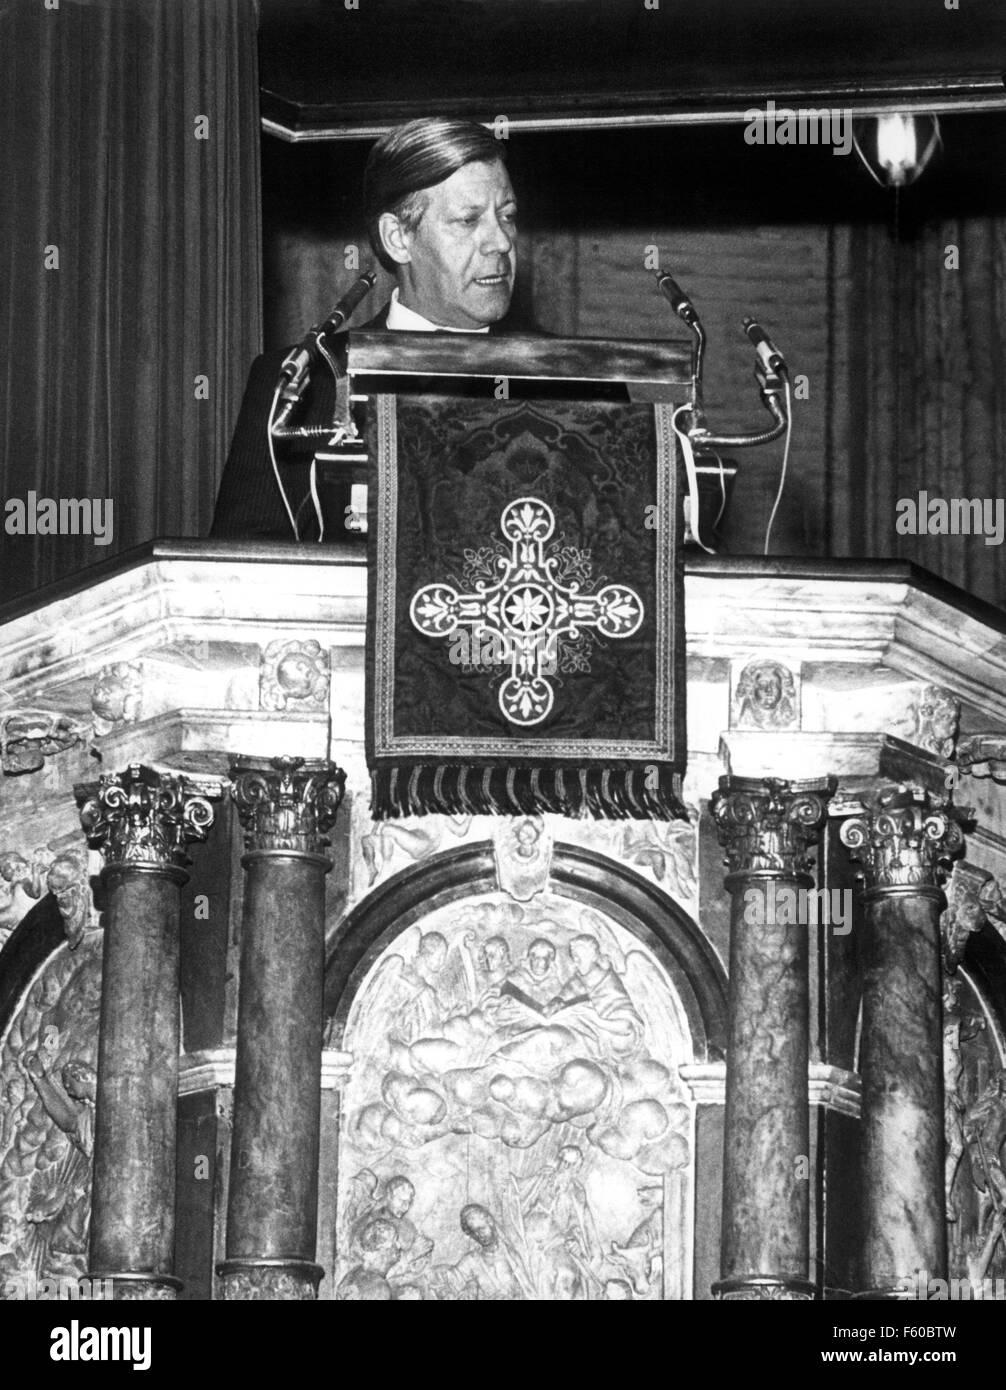 """Le chancelier Helmut Schmidt s'exprime sur """"l'état et l'église' depuis la chaire de Hambourg St. Jacobi Church le 31 octobre 1974. Banque D'Images"""